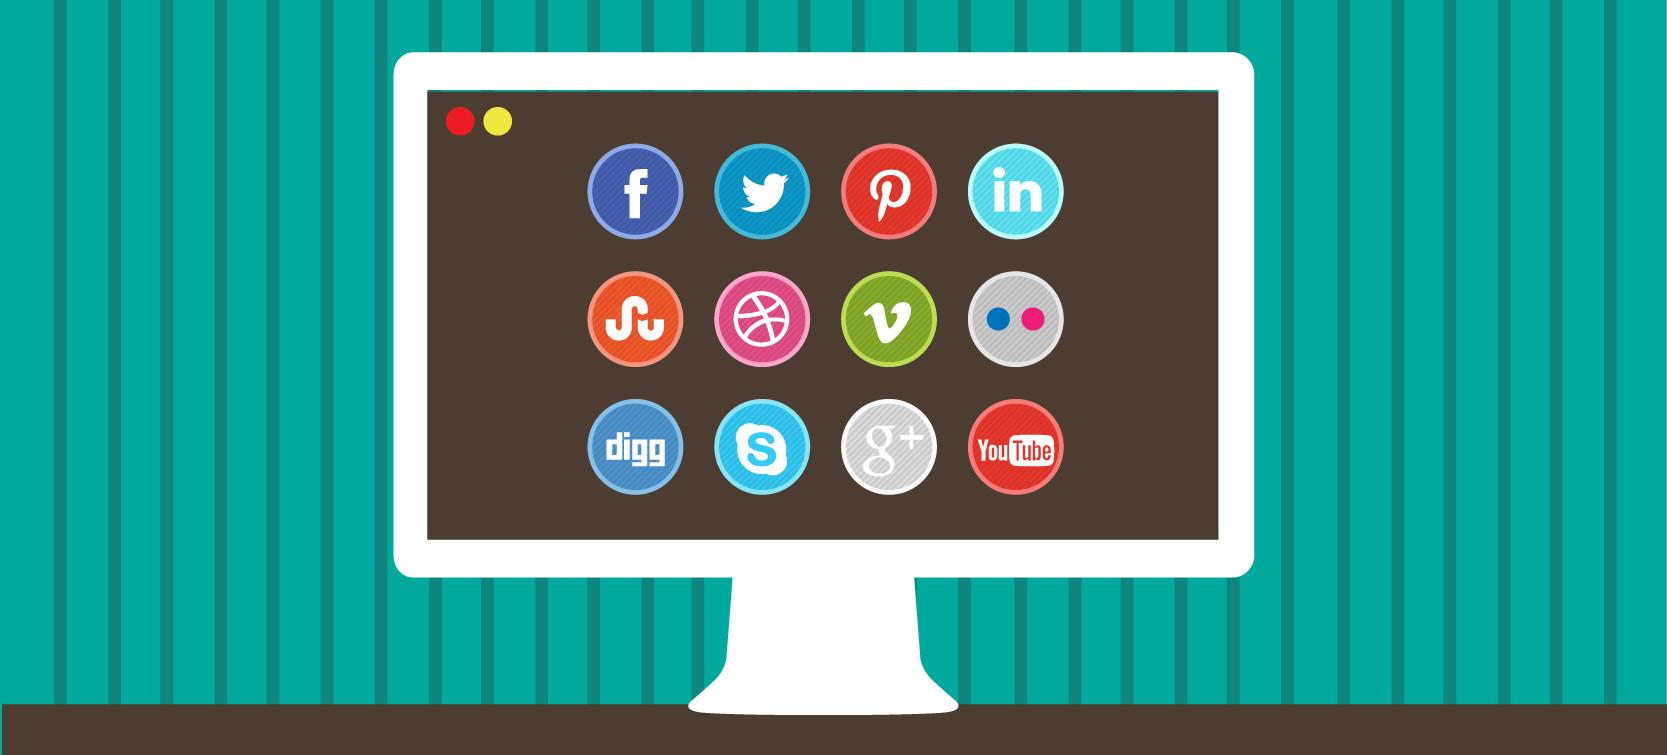 wordpress social plugins compartillhamento mídia soacial blog